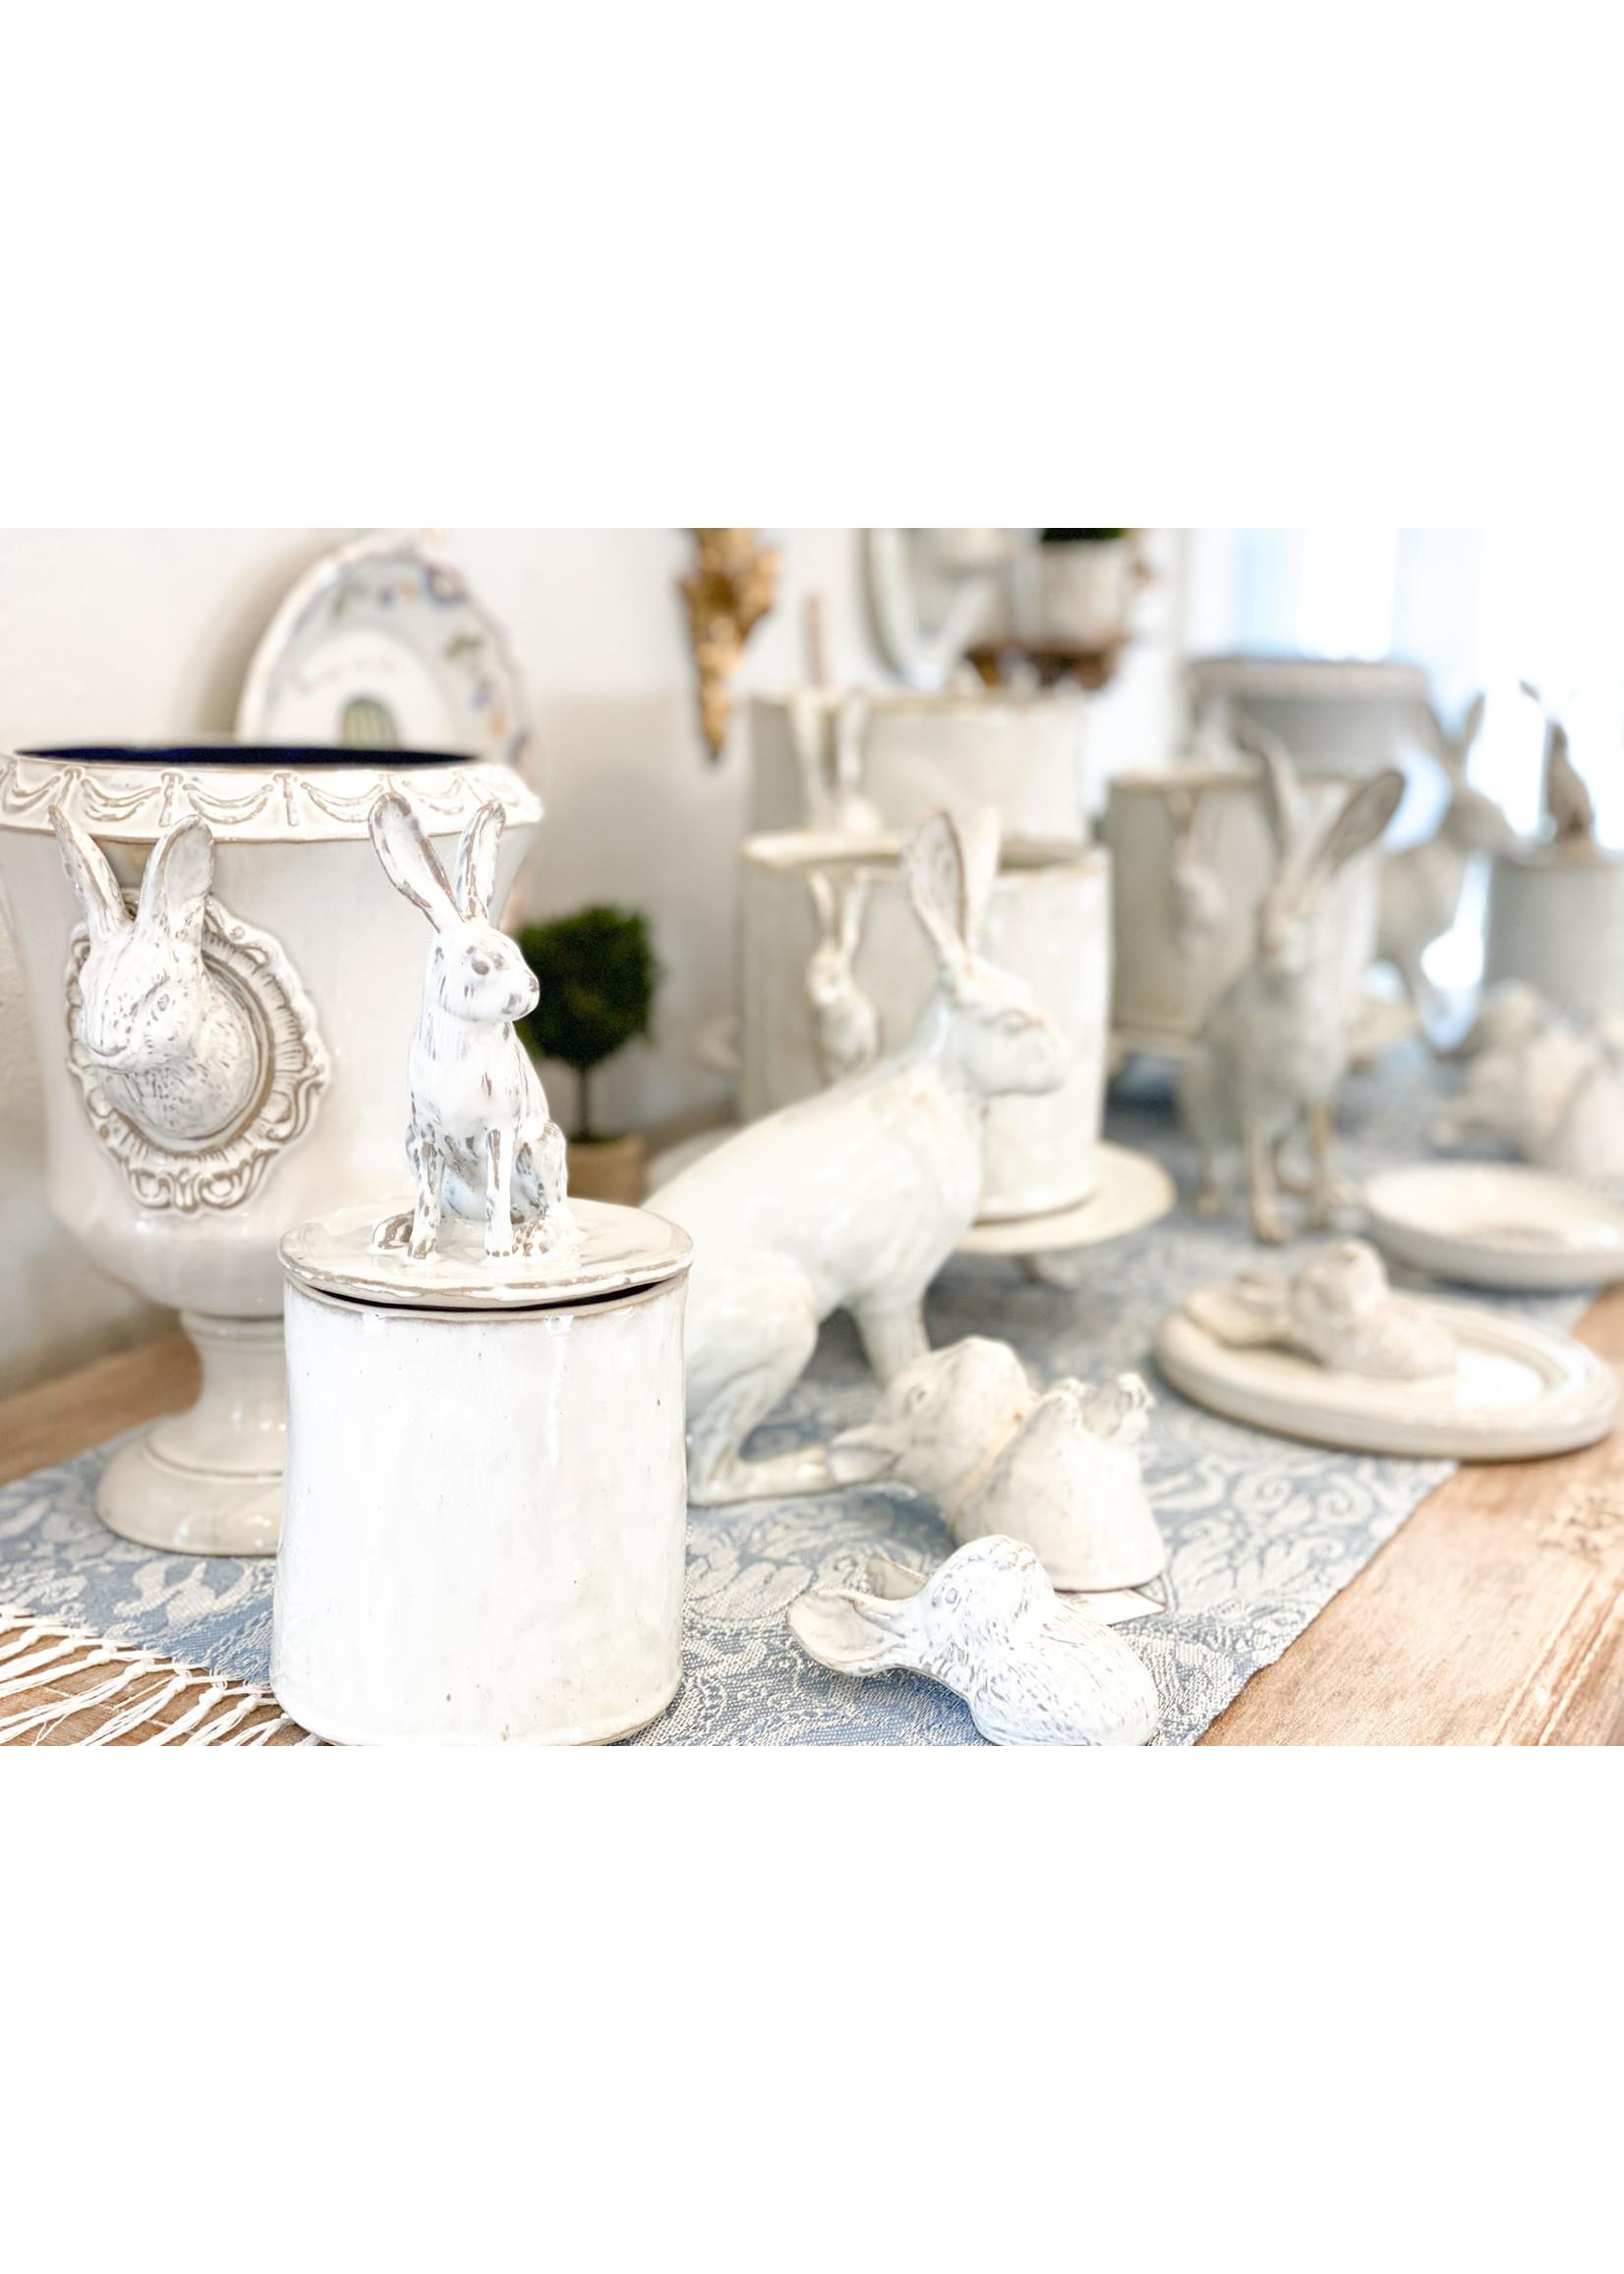 Yarnnakarn Rabbit Medium Pot and Tray